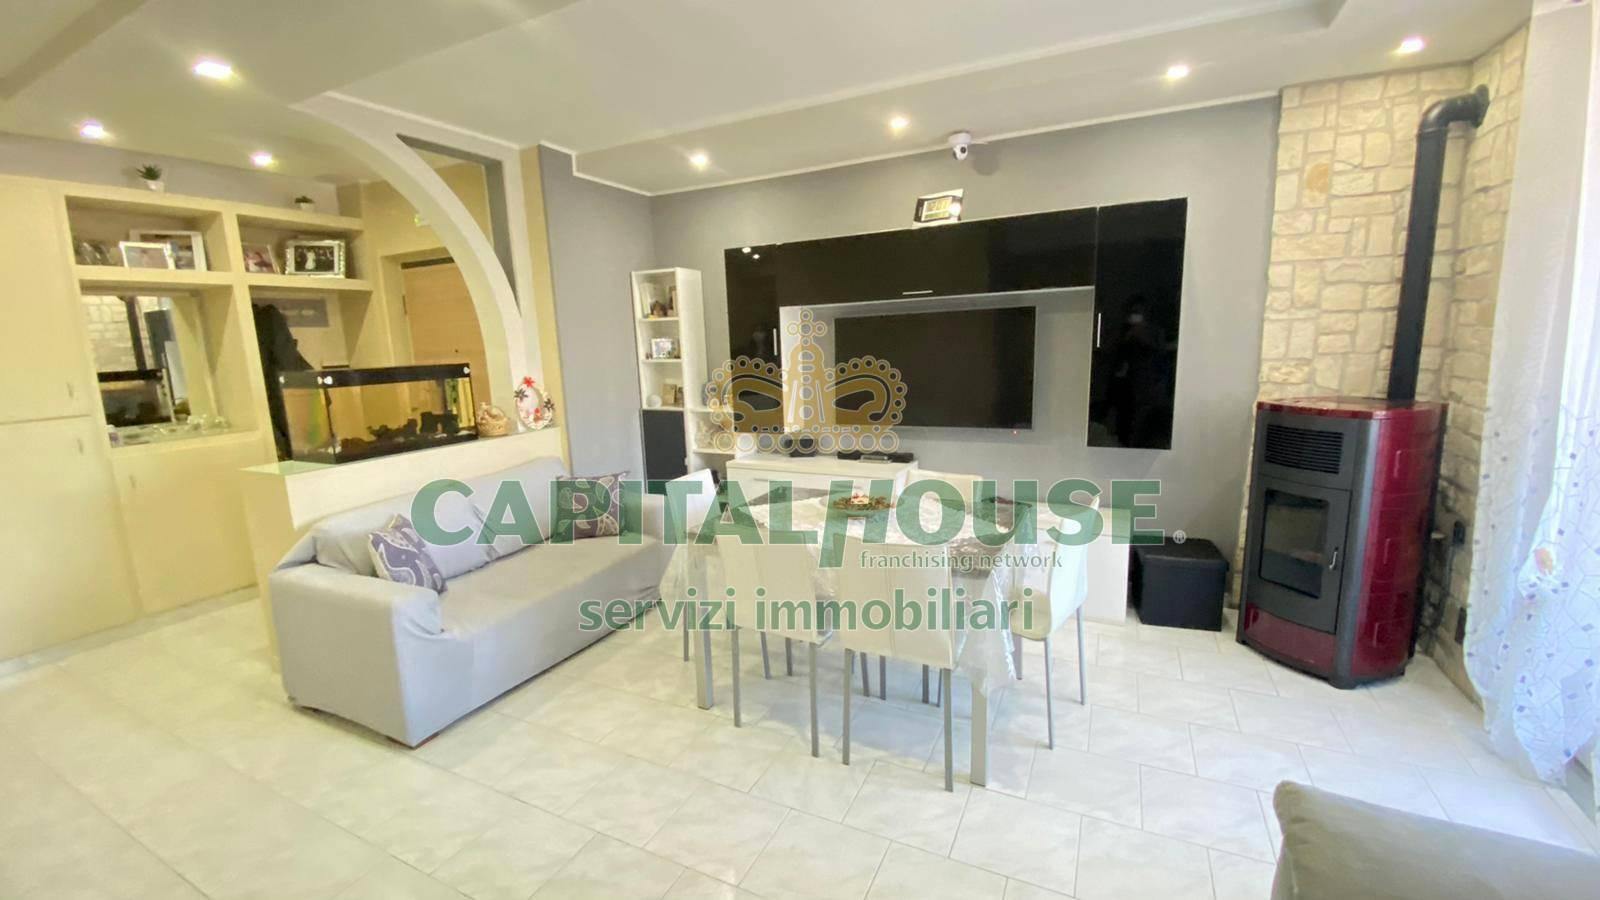 Appartamento in vendita a Monteforte Irpino, 4 locali, zona Località: Campi, prezzo € 98.000   CambioCasa.it